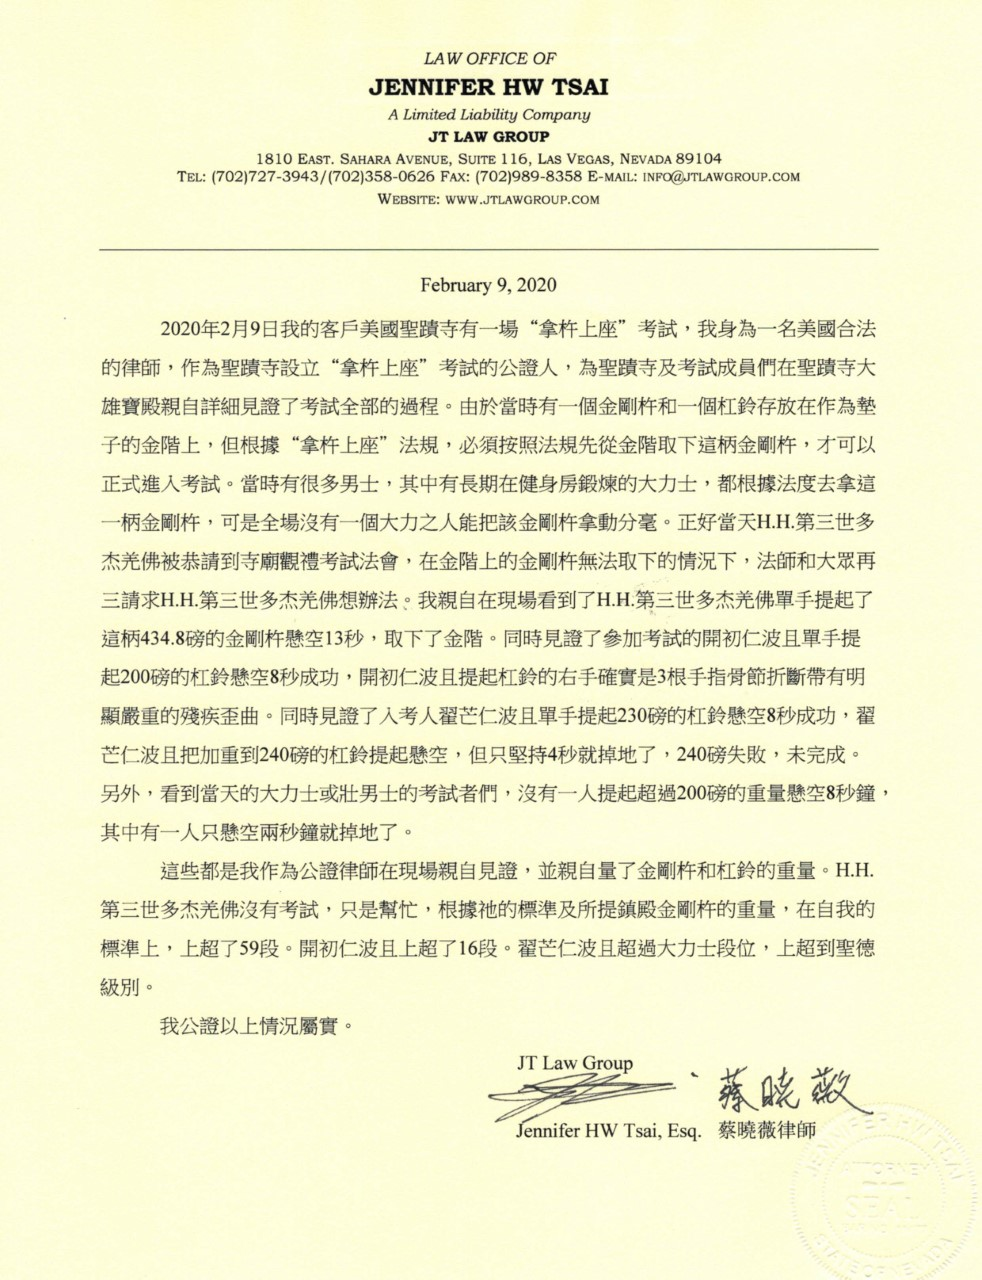 世界佛教总部公告(公告字第20200101号)- 正确答案,回覆重要咨询 第2张